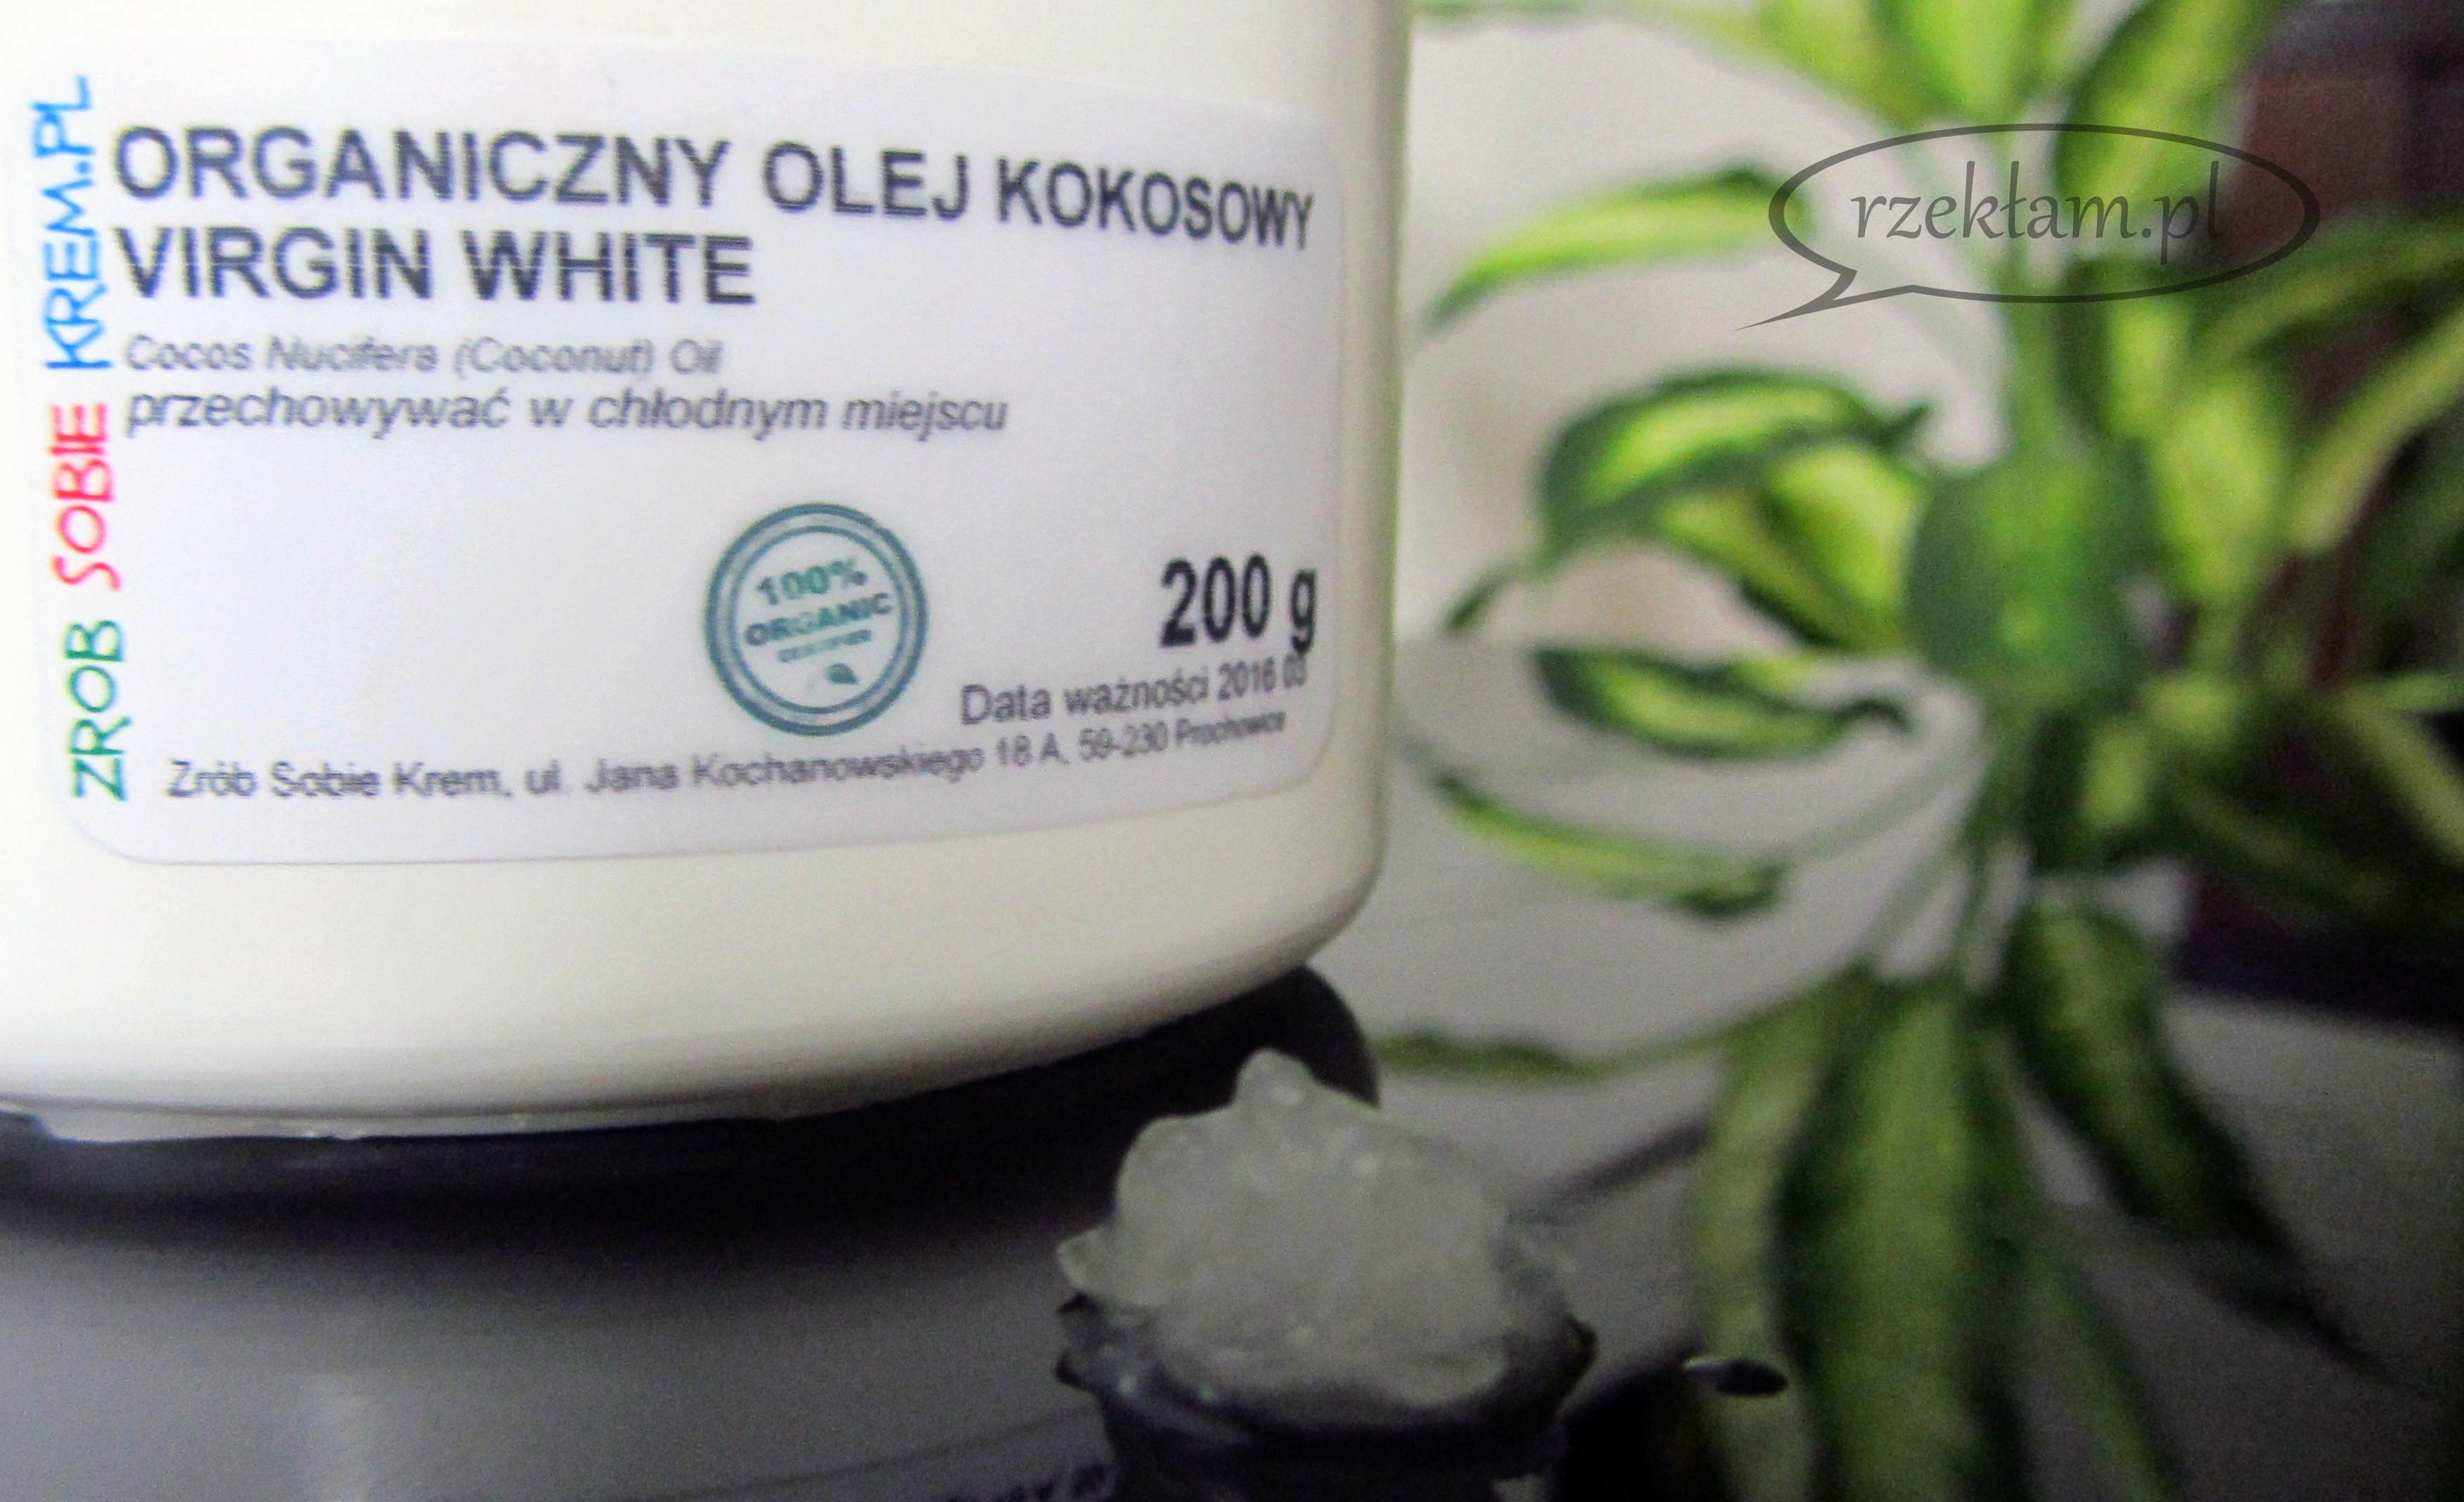 Tanie i sprawdzone: nierafinowany, organiczny olej kokosowy